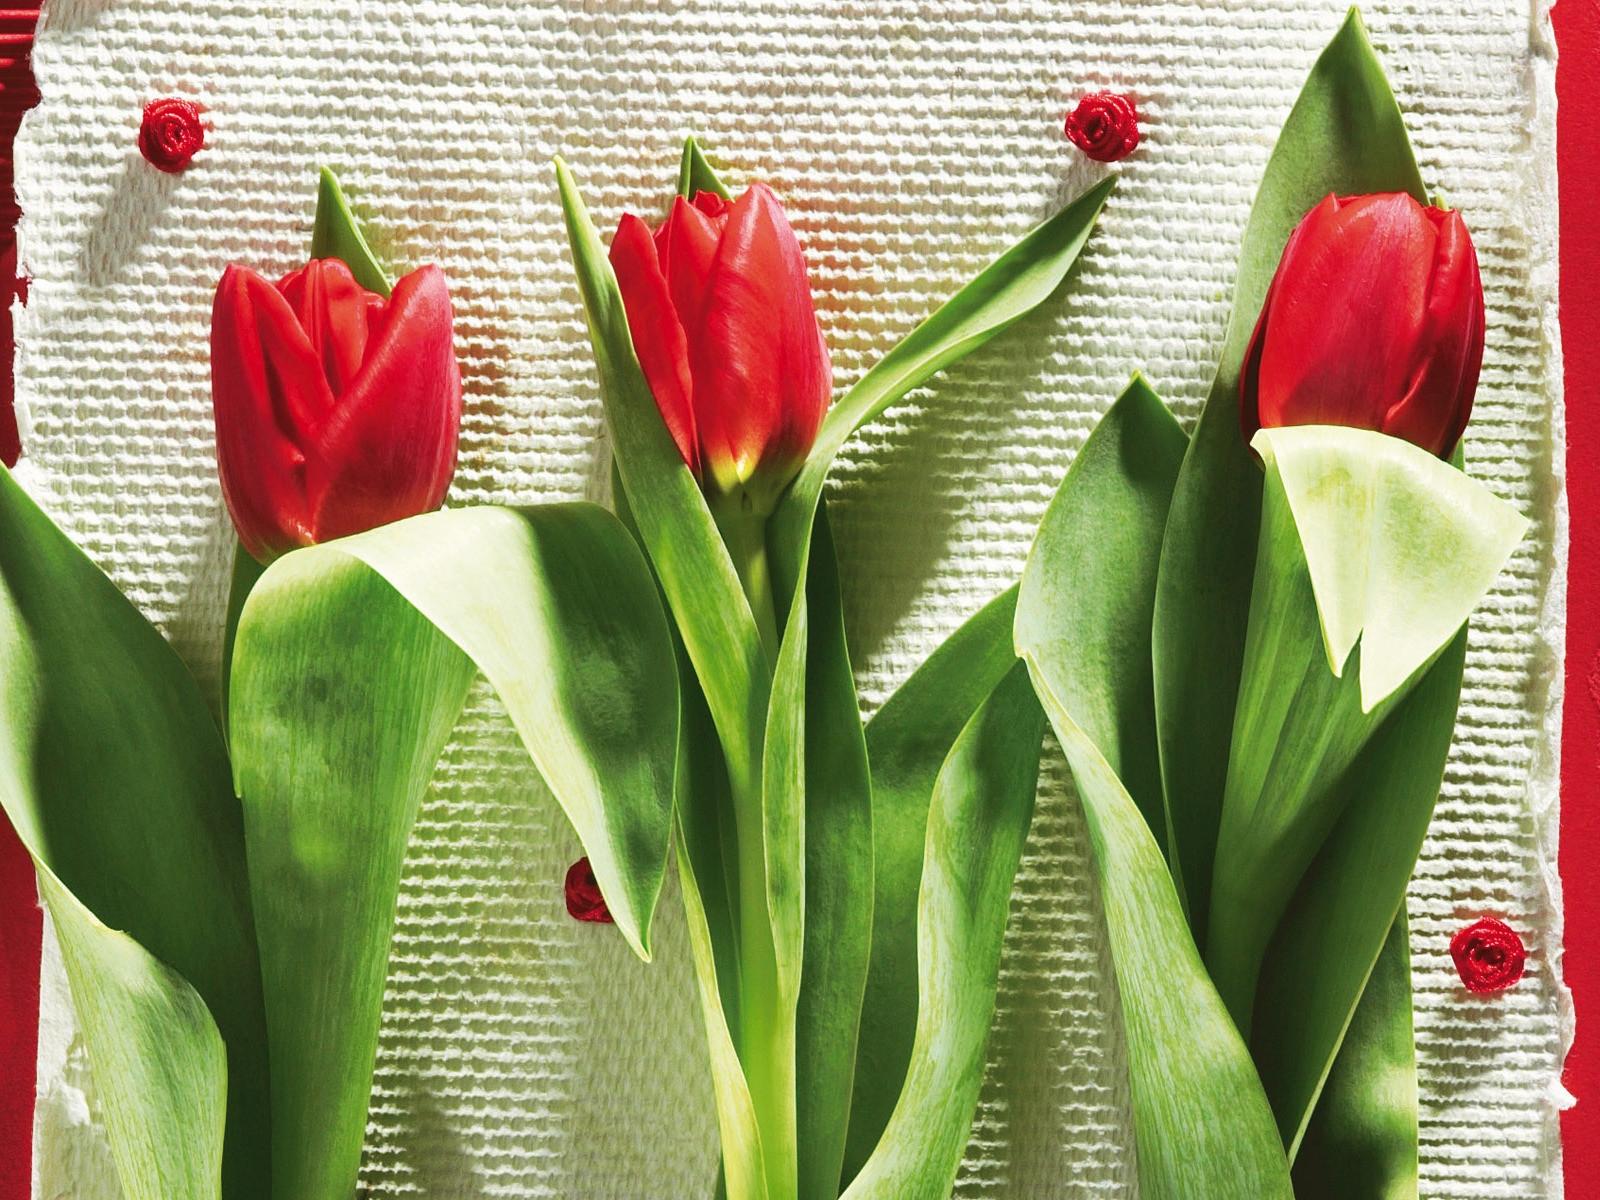 картинка из трех тюльпанов замаскированный